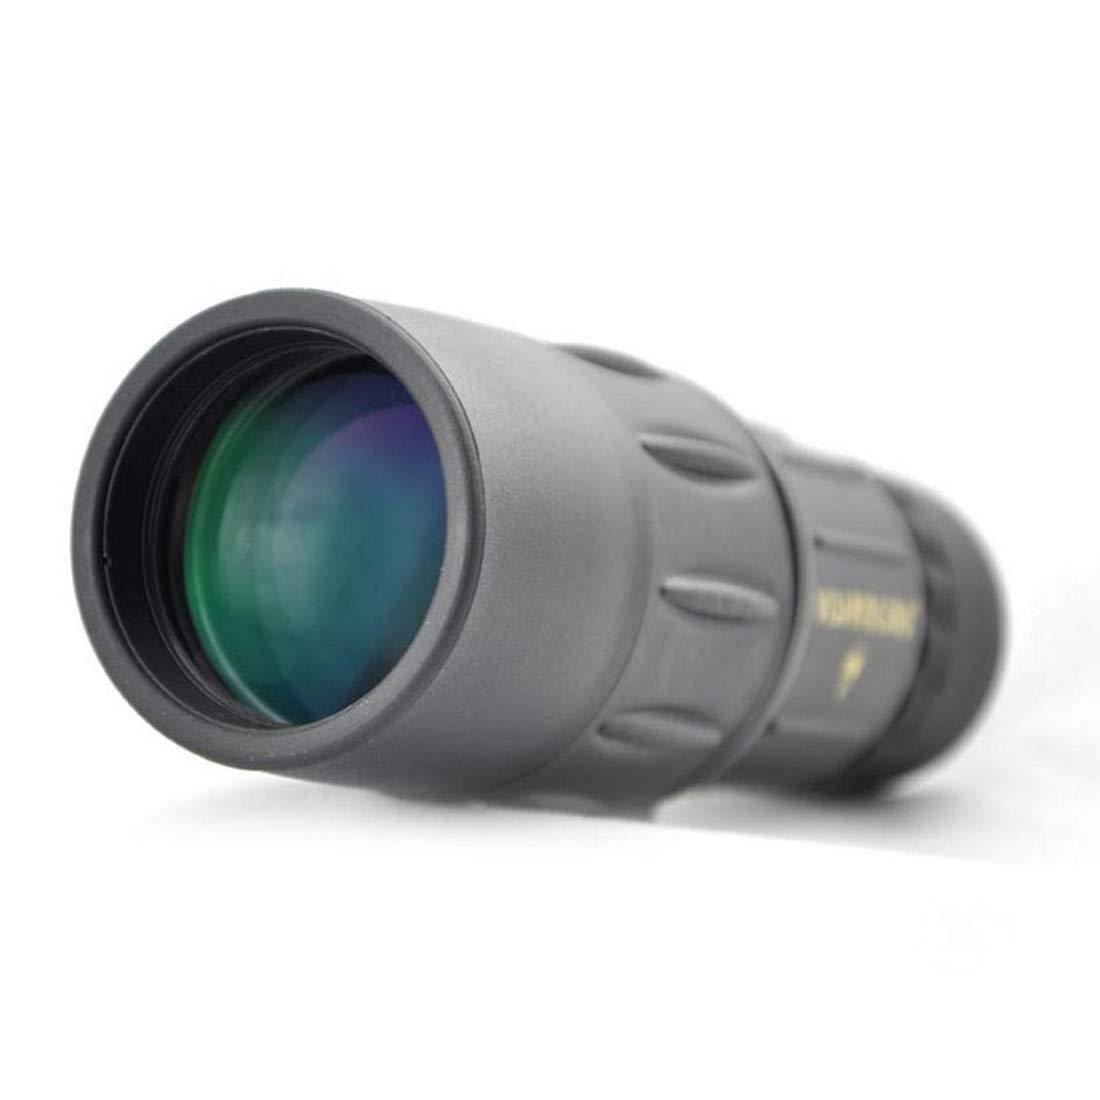 8×42 ポータブル プロフェッショナル ハイタイムズハイビジョン ナイトビジョン 単眼望遠鏡 B07P8R6758